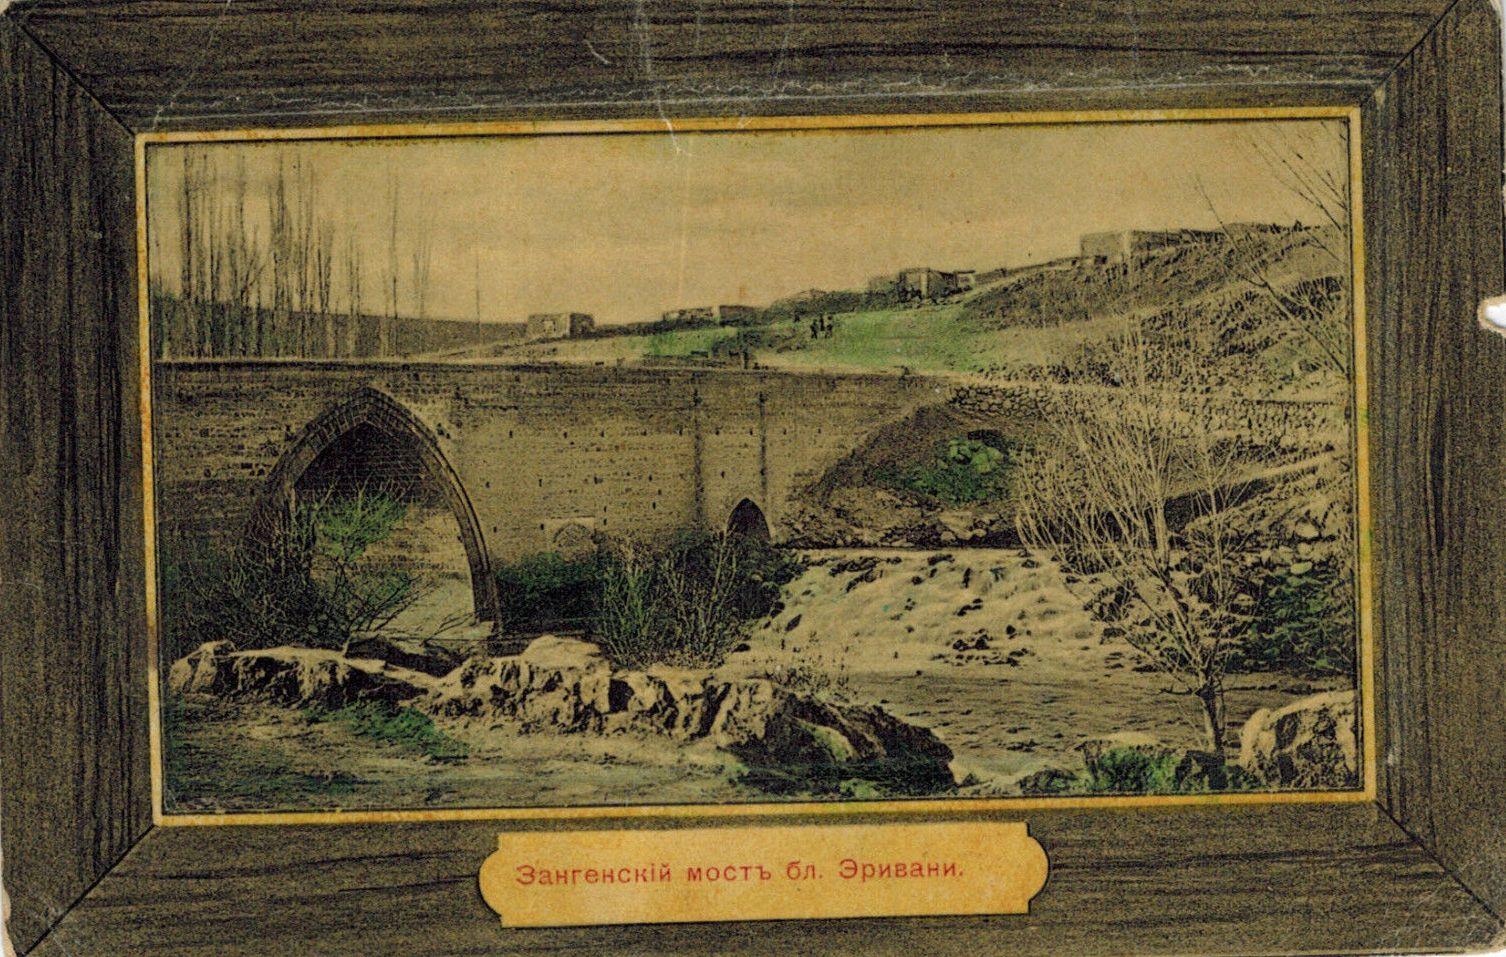 Окрестности Эривани. Зангенский мост